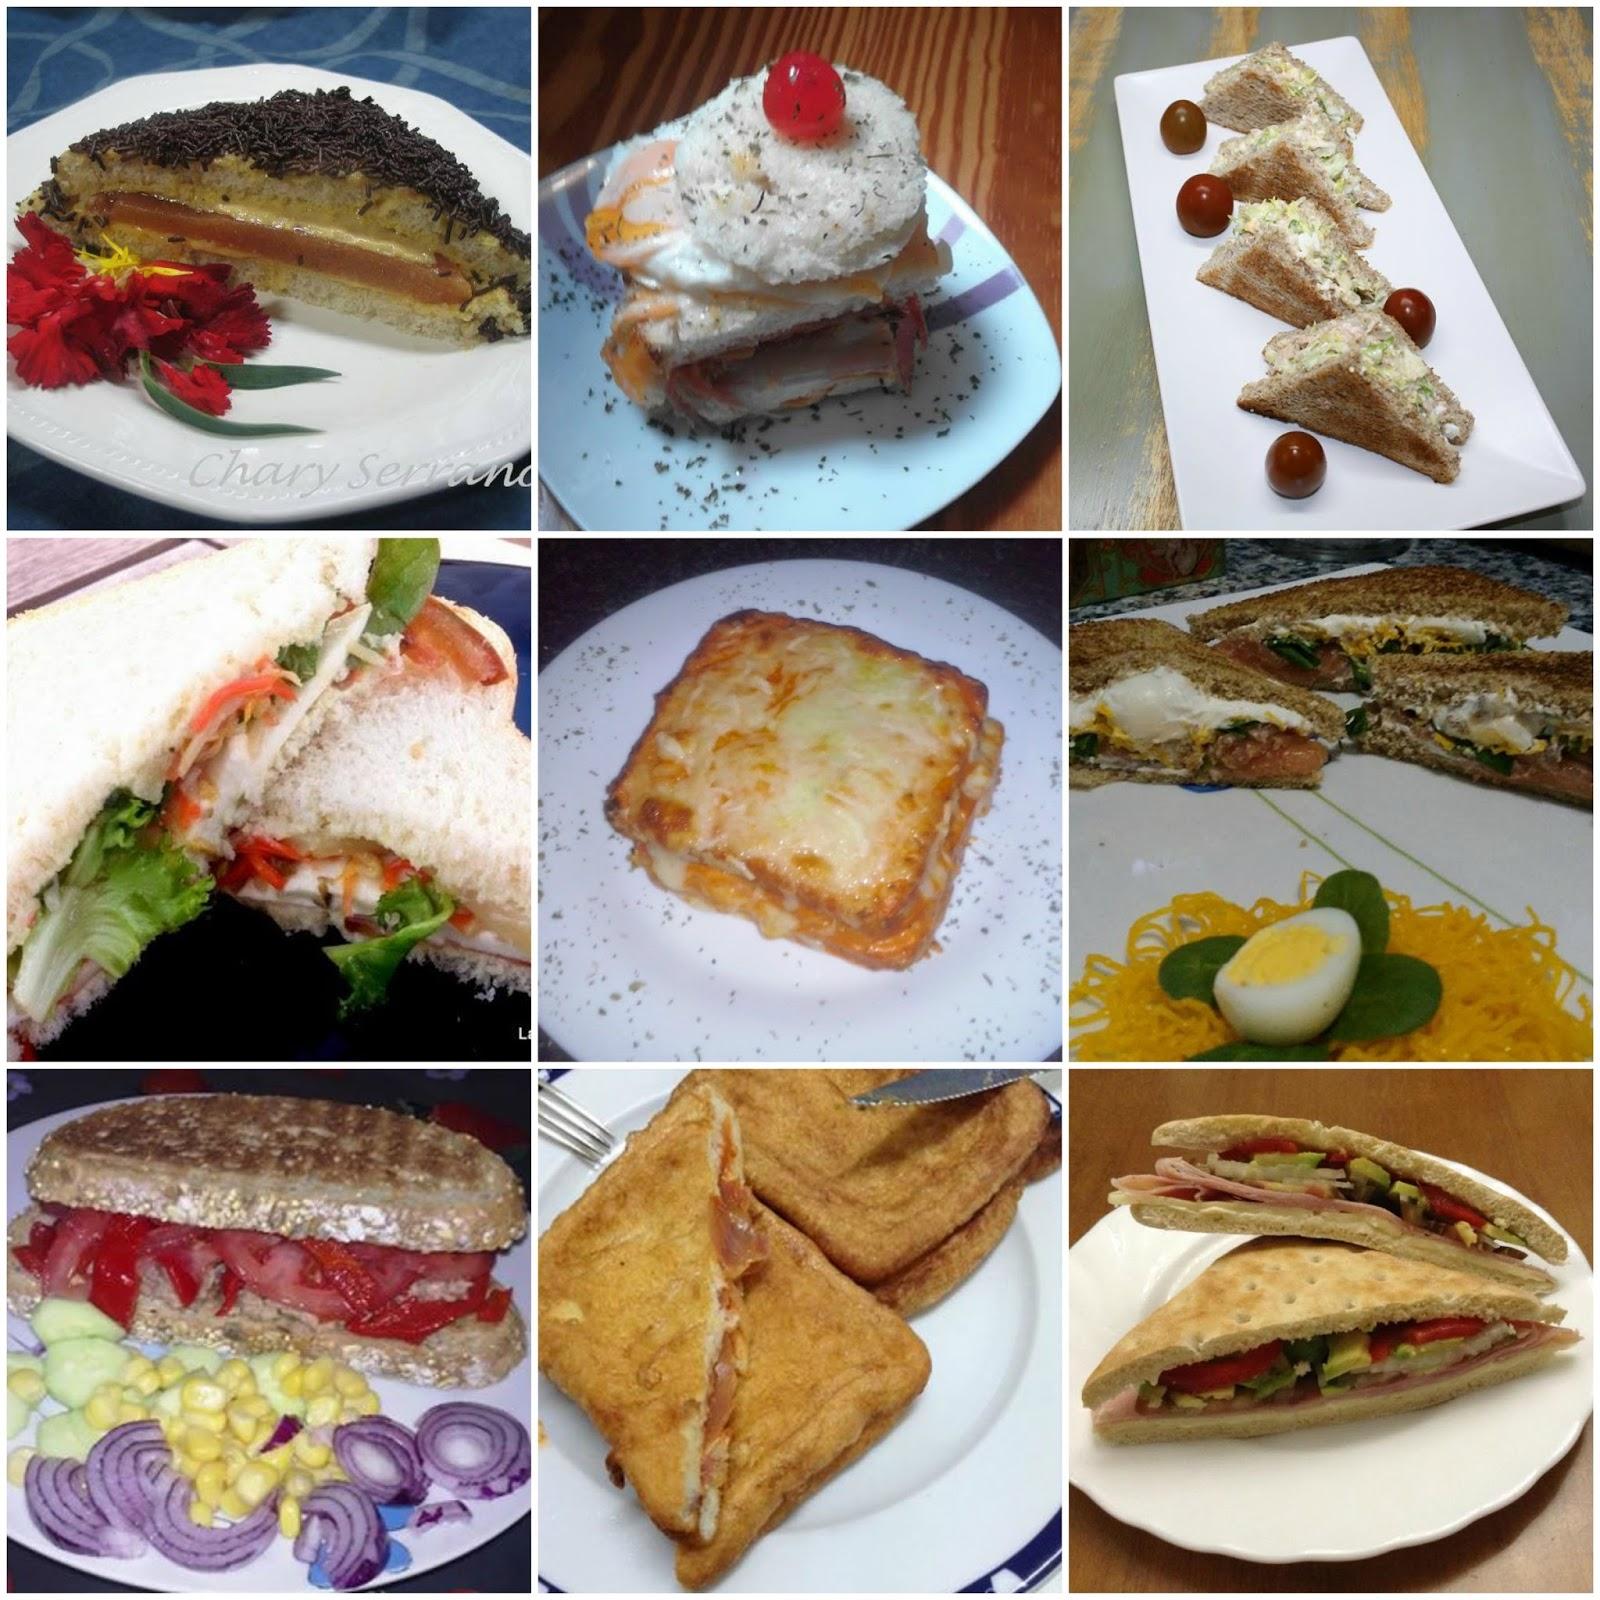 Nueve sandwiches evento fiesta del sandwich 1 parte for Cocina para fiestas